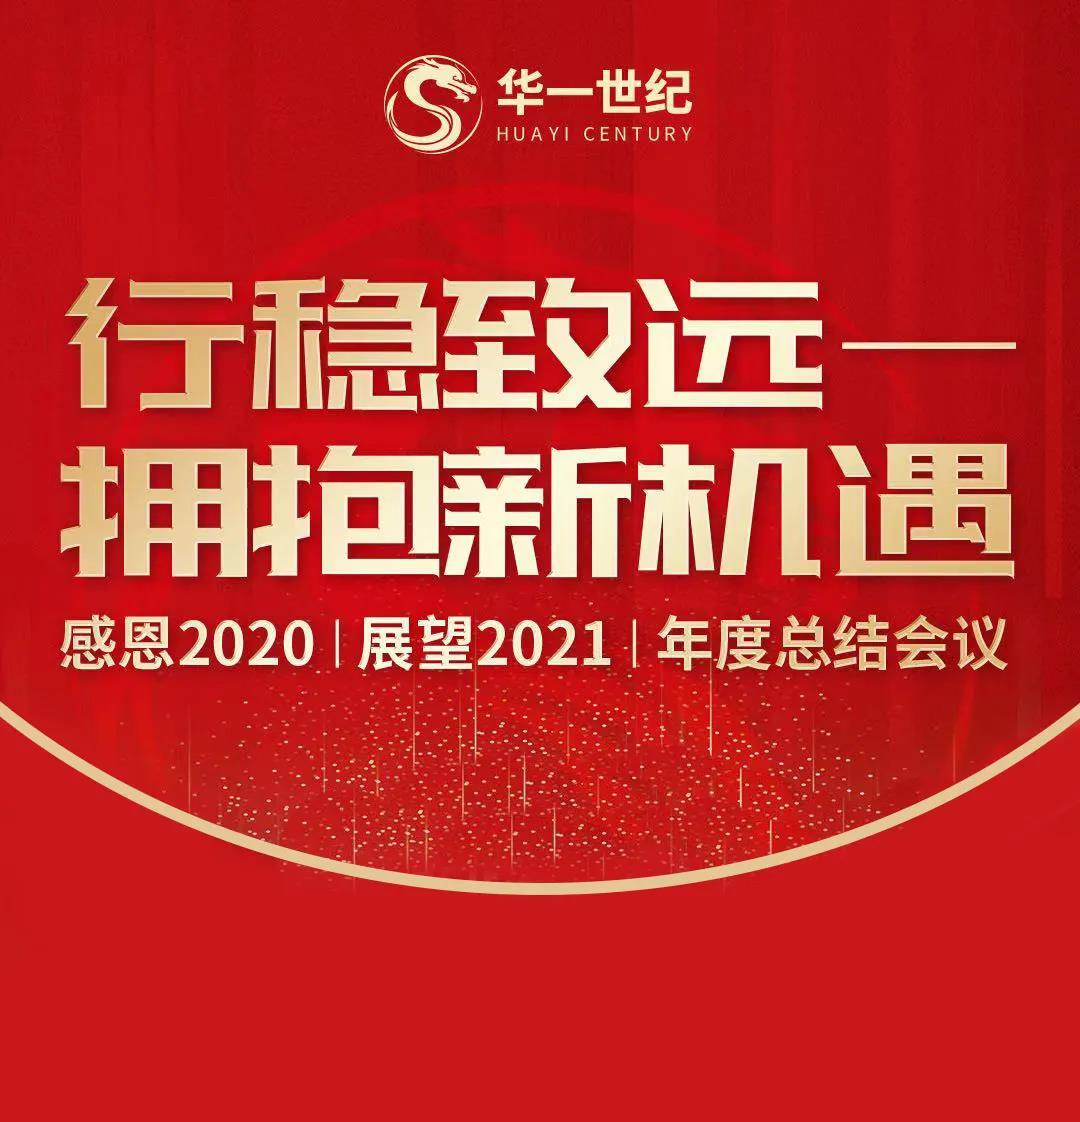 华一世纪2020年度总结会议 | 同心勠力十年路,逐梦行稳致未来